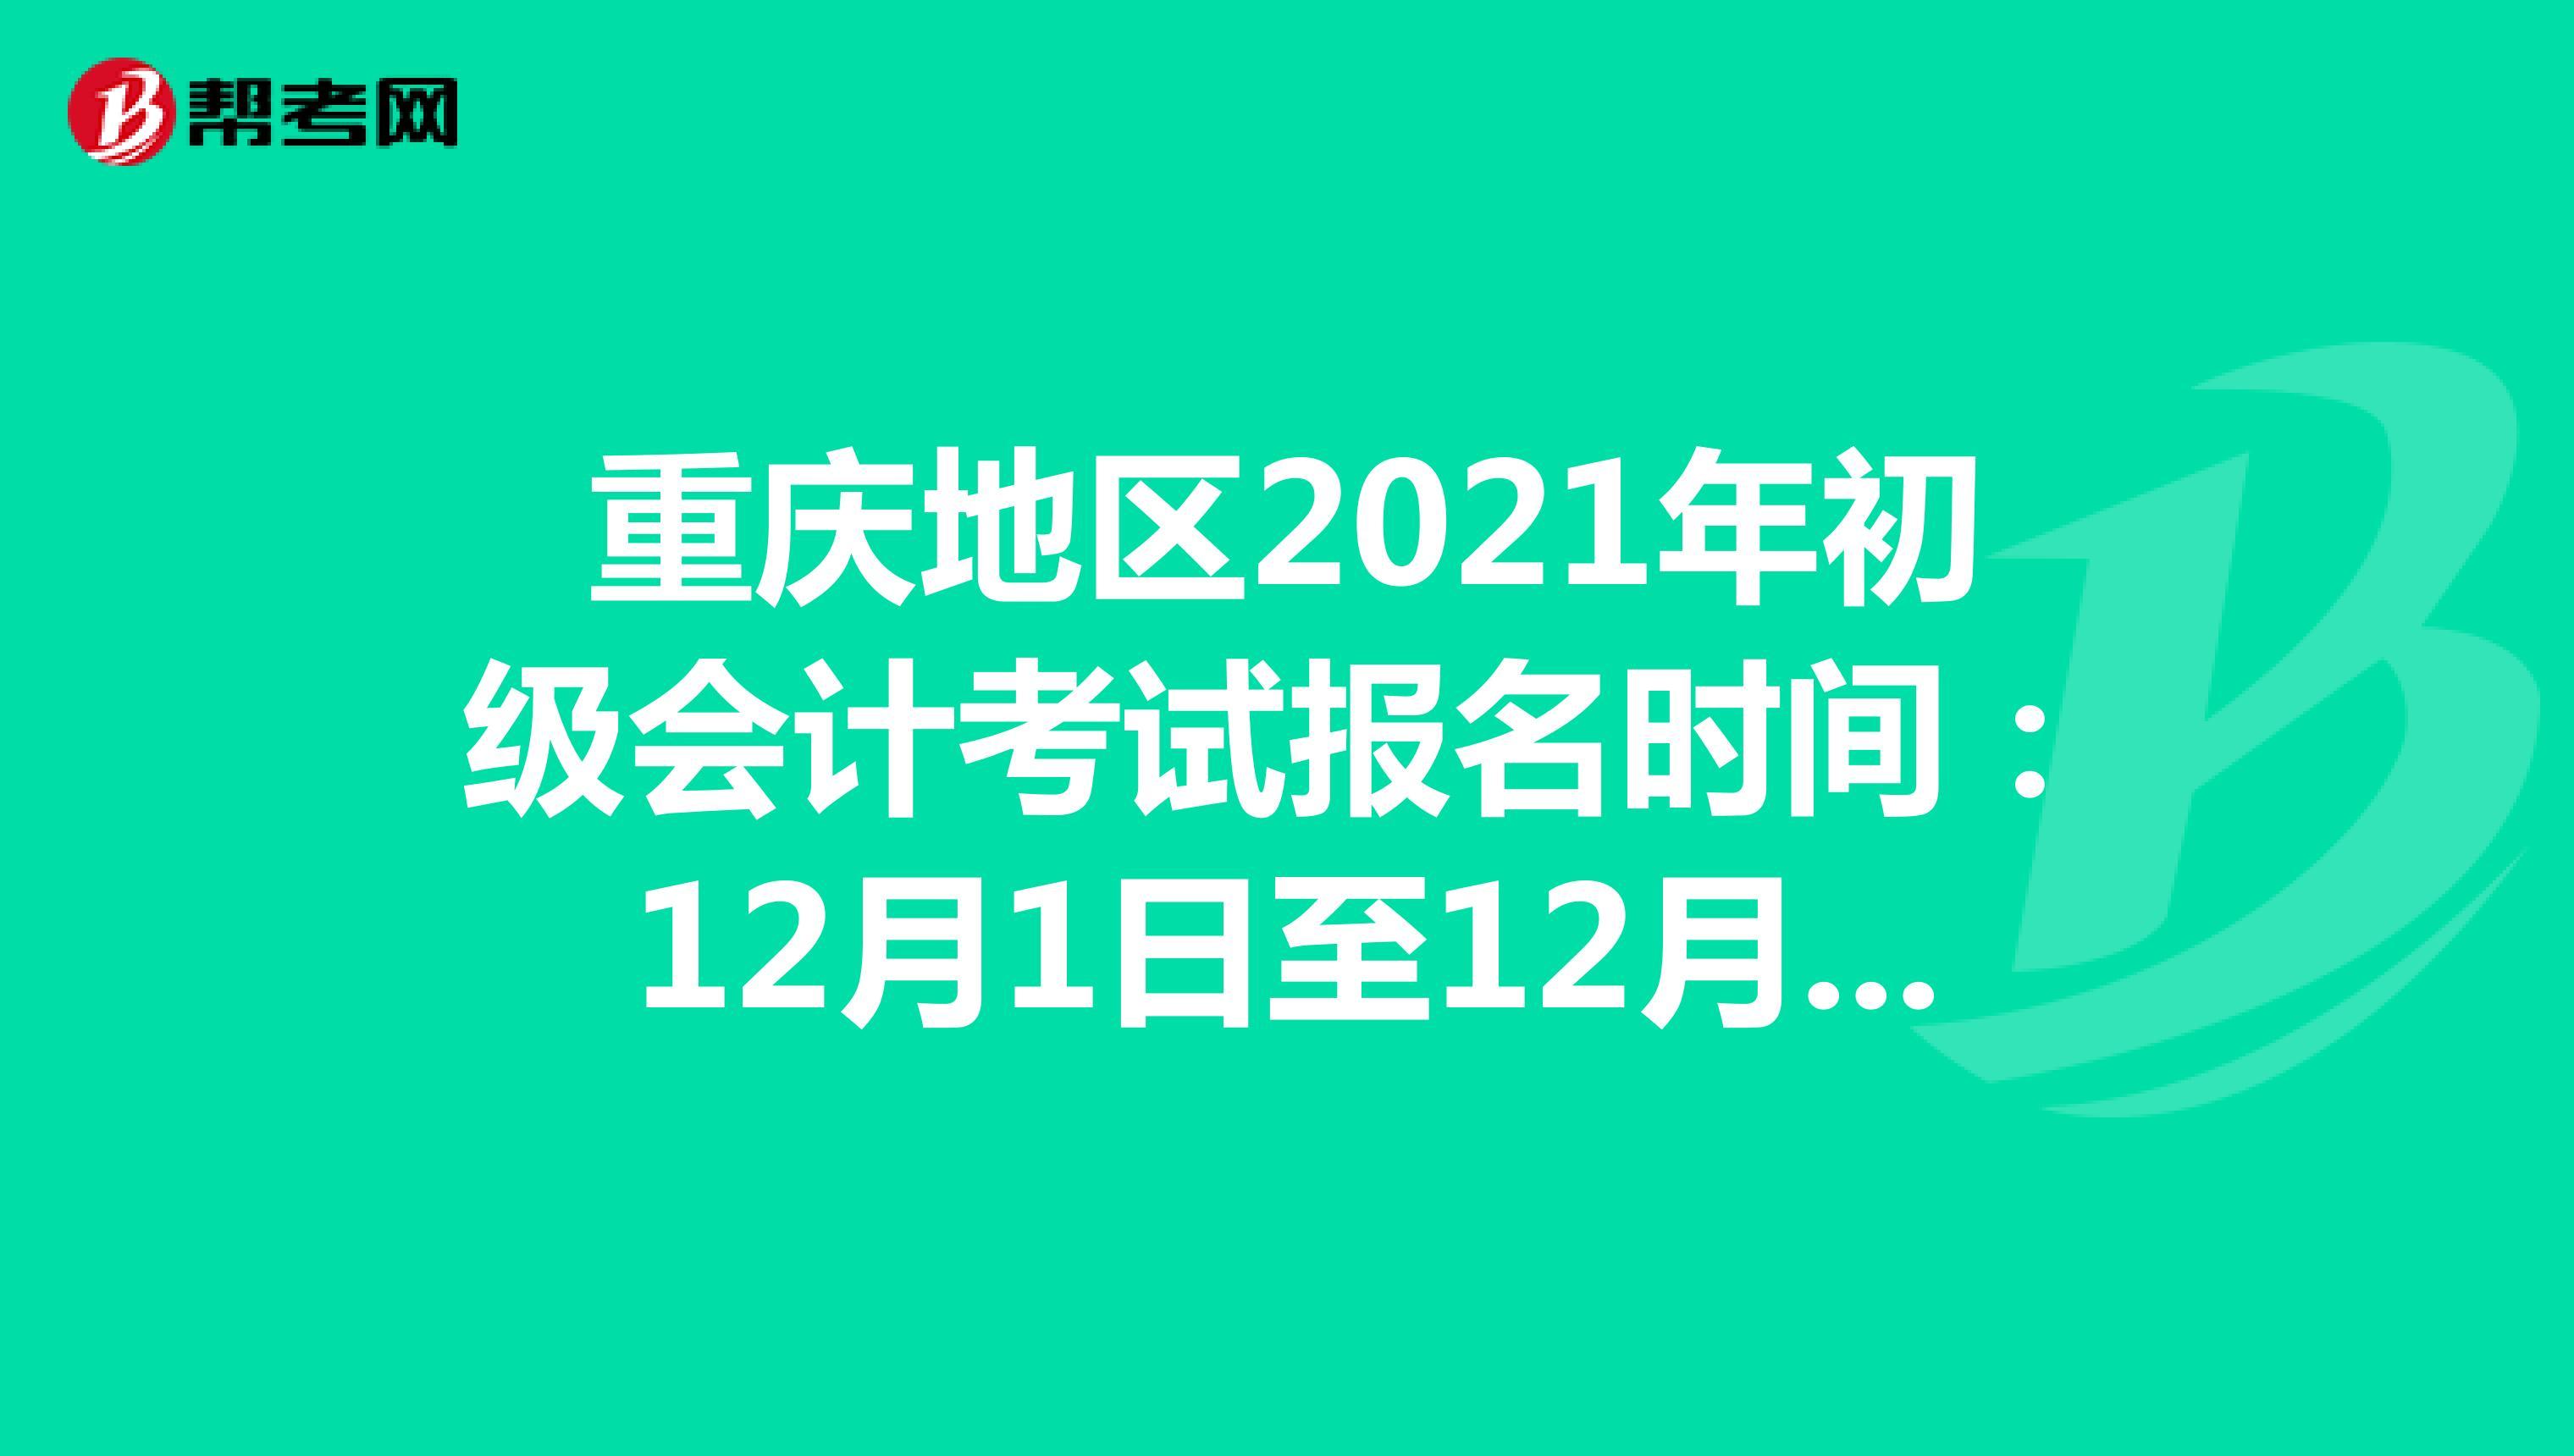 重庆地区2021年初级会计考试报名时间:12月1日至12月25日